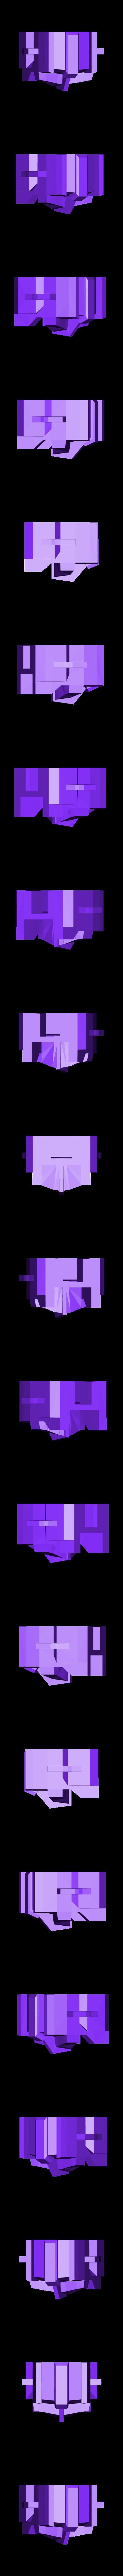 head_pt1_v2.stl Download free STL file TRANSFORMERS G1 ROTORSTORM ARTICULATION UPGRADE KIT • 3D printable design, sickofyou